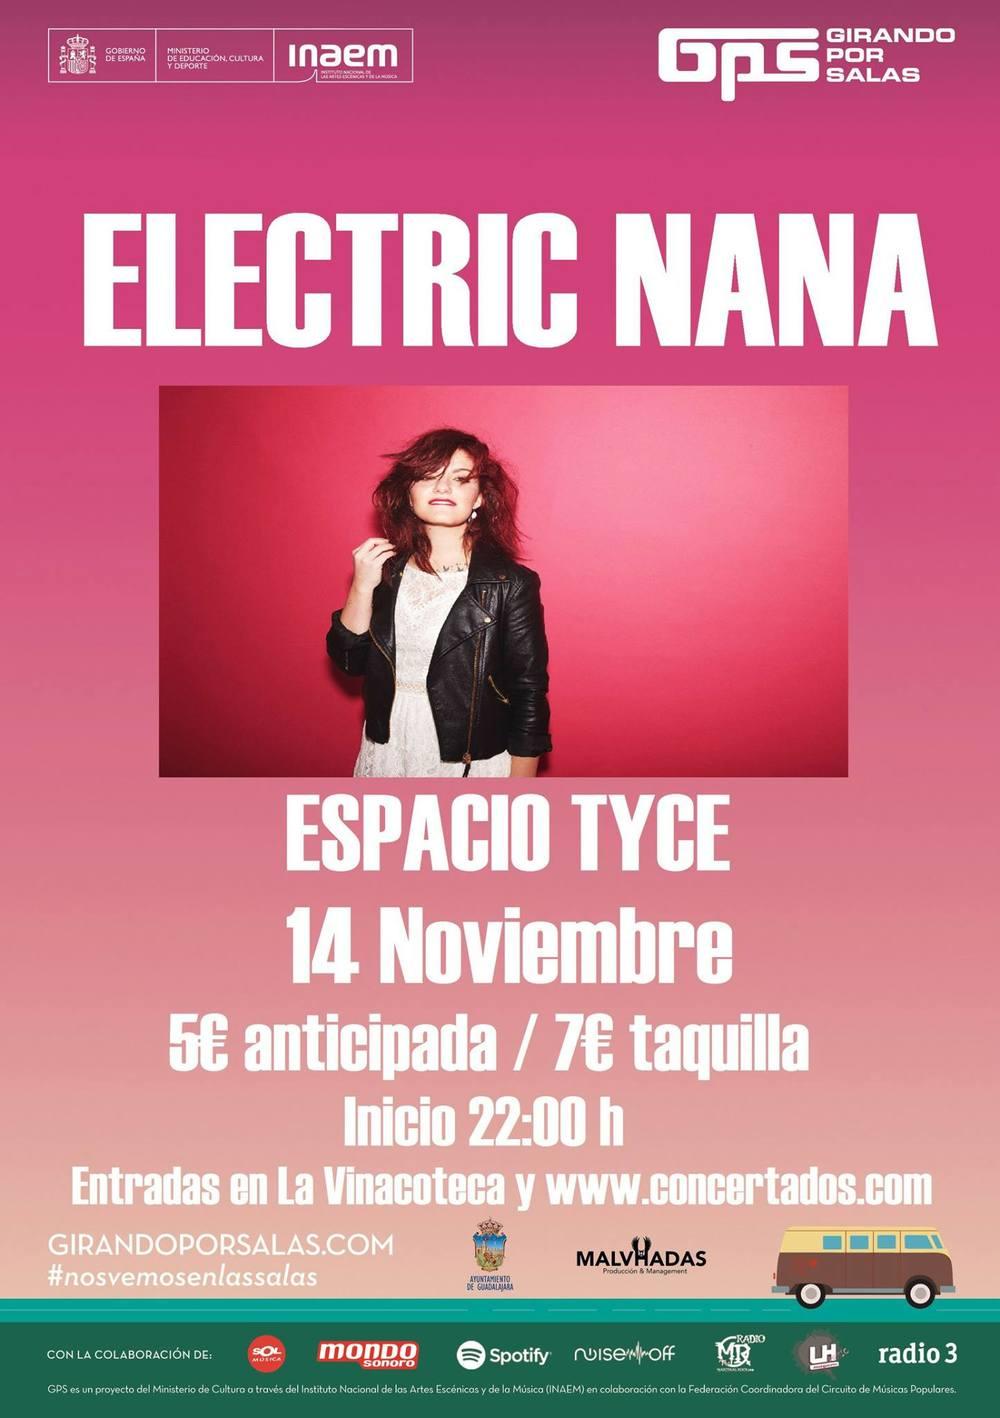 Pues sí, ya es otoño ¡Habrá que ir haciendo planes! 14/11 ElectricNanaenEspacio Tycepor sólo 5€ anticipada en www.concertados.com